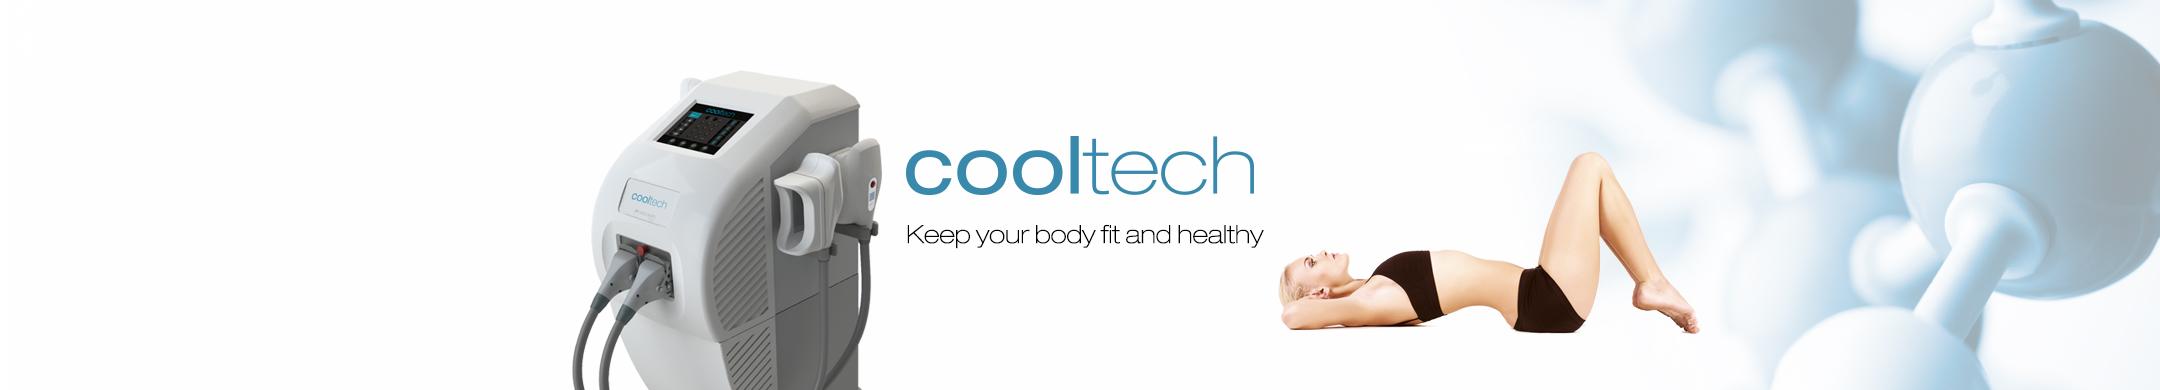 Remodelación Corporal COOLtech - MK Centro Médico Estético